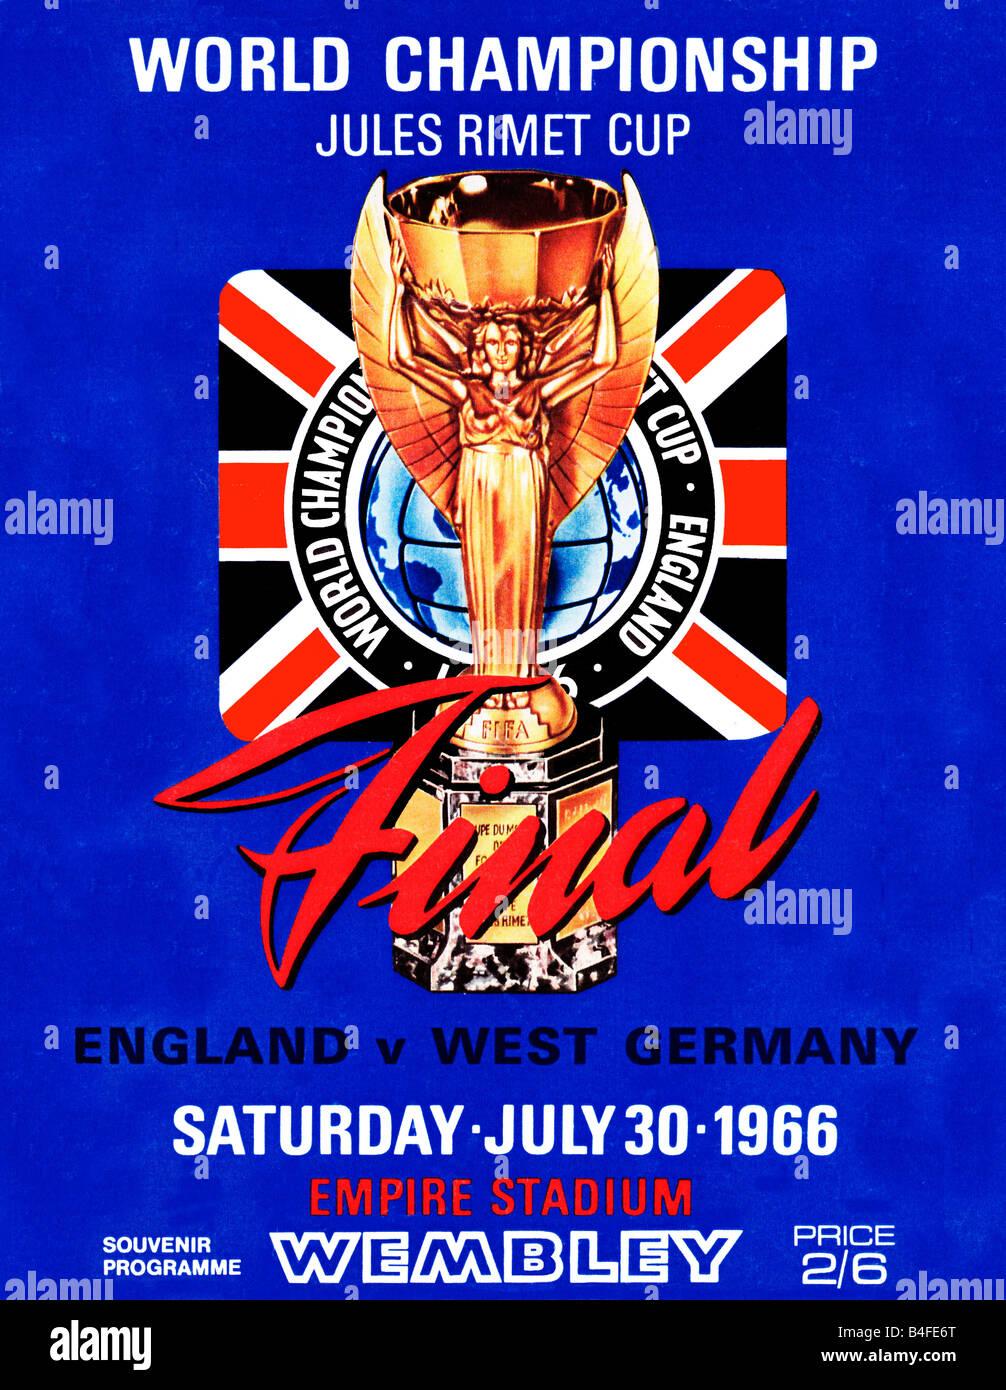 Programme final de la Coupe du monde pour l'Angleterre v l'Allemagne de l'Ouest finale à Wembley en juillet 1966 Banque D'Images